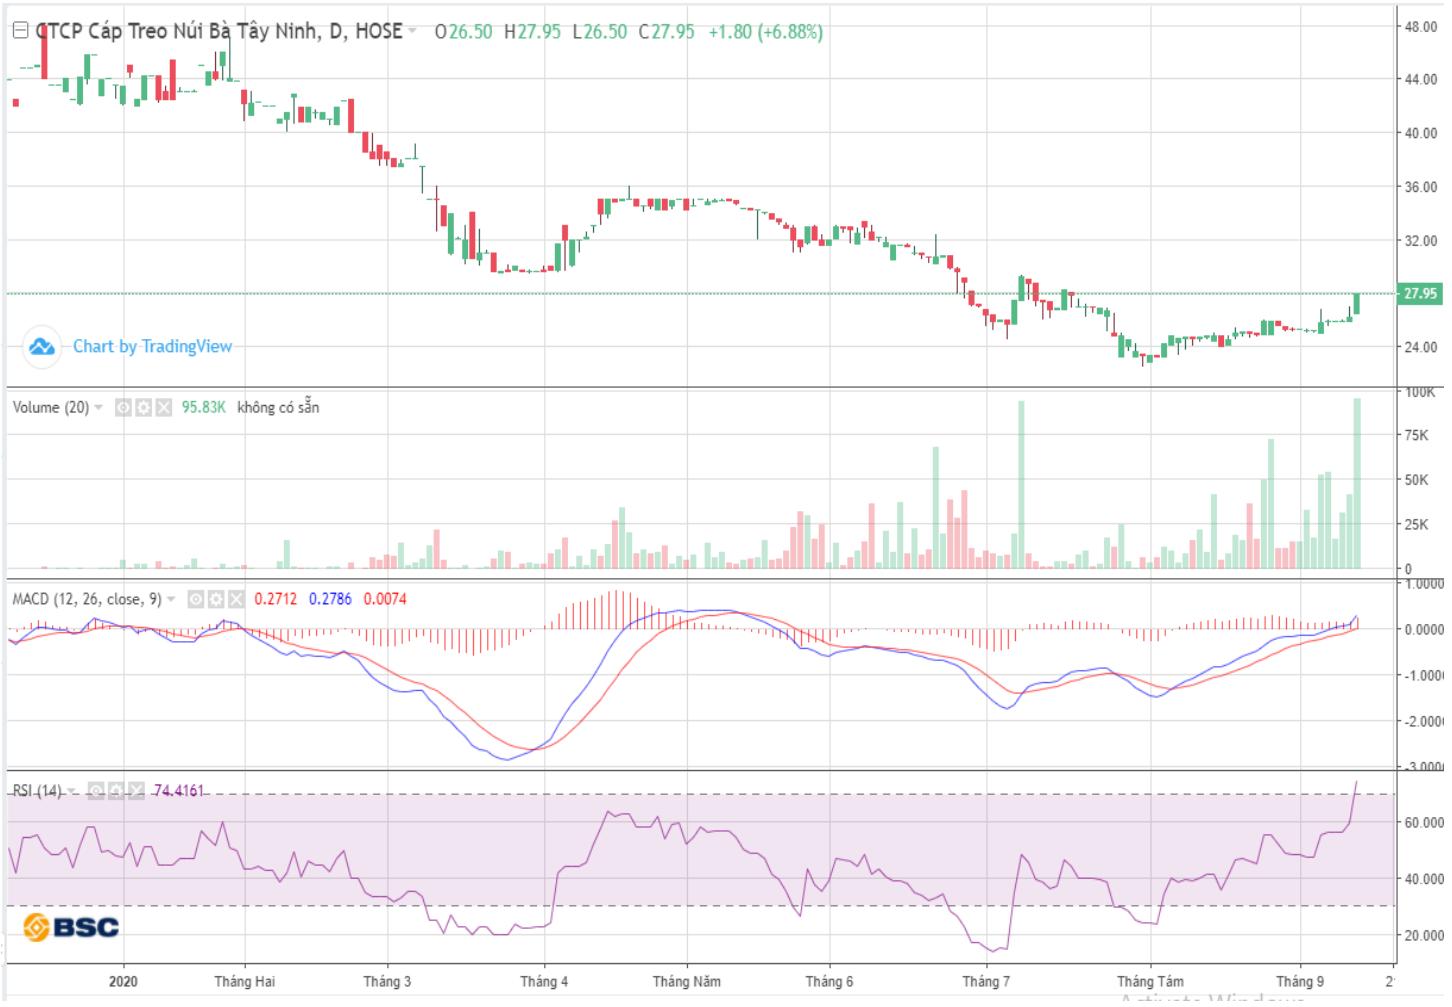 Cổ phiếu tâm điểm ngày 15/9: DBC, TCT, GEG, LDG - Ảnh 2.